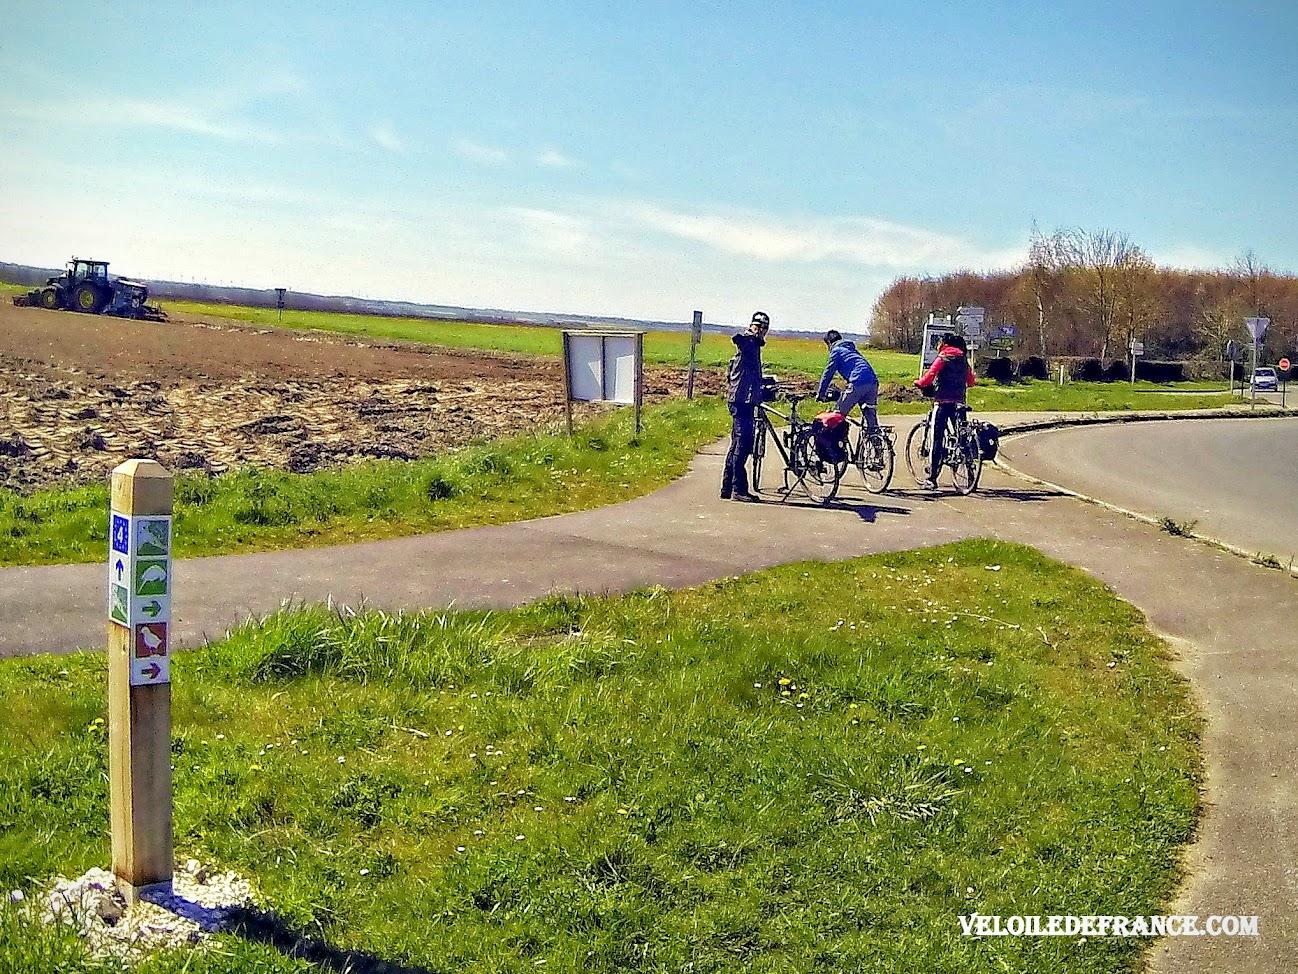 Panneau de circuit cycliste en Baie de Somme avec les logos d'oiseau - Blog Les Balades à vélo autour de La Baie de Somme par veloiledefrance.com